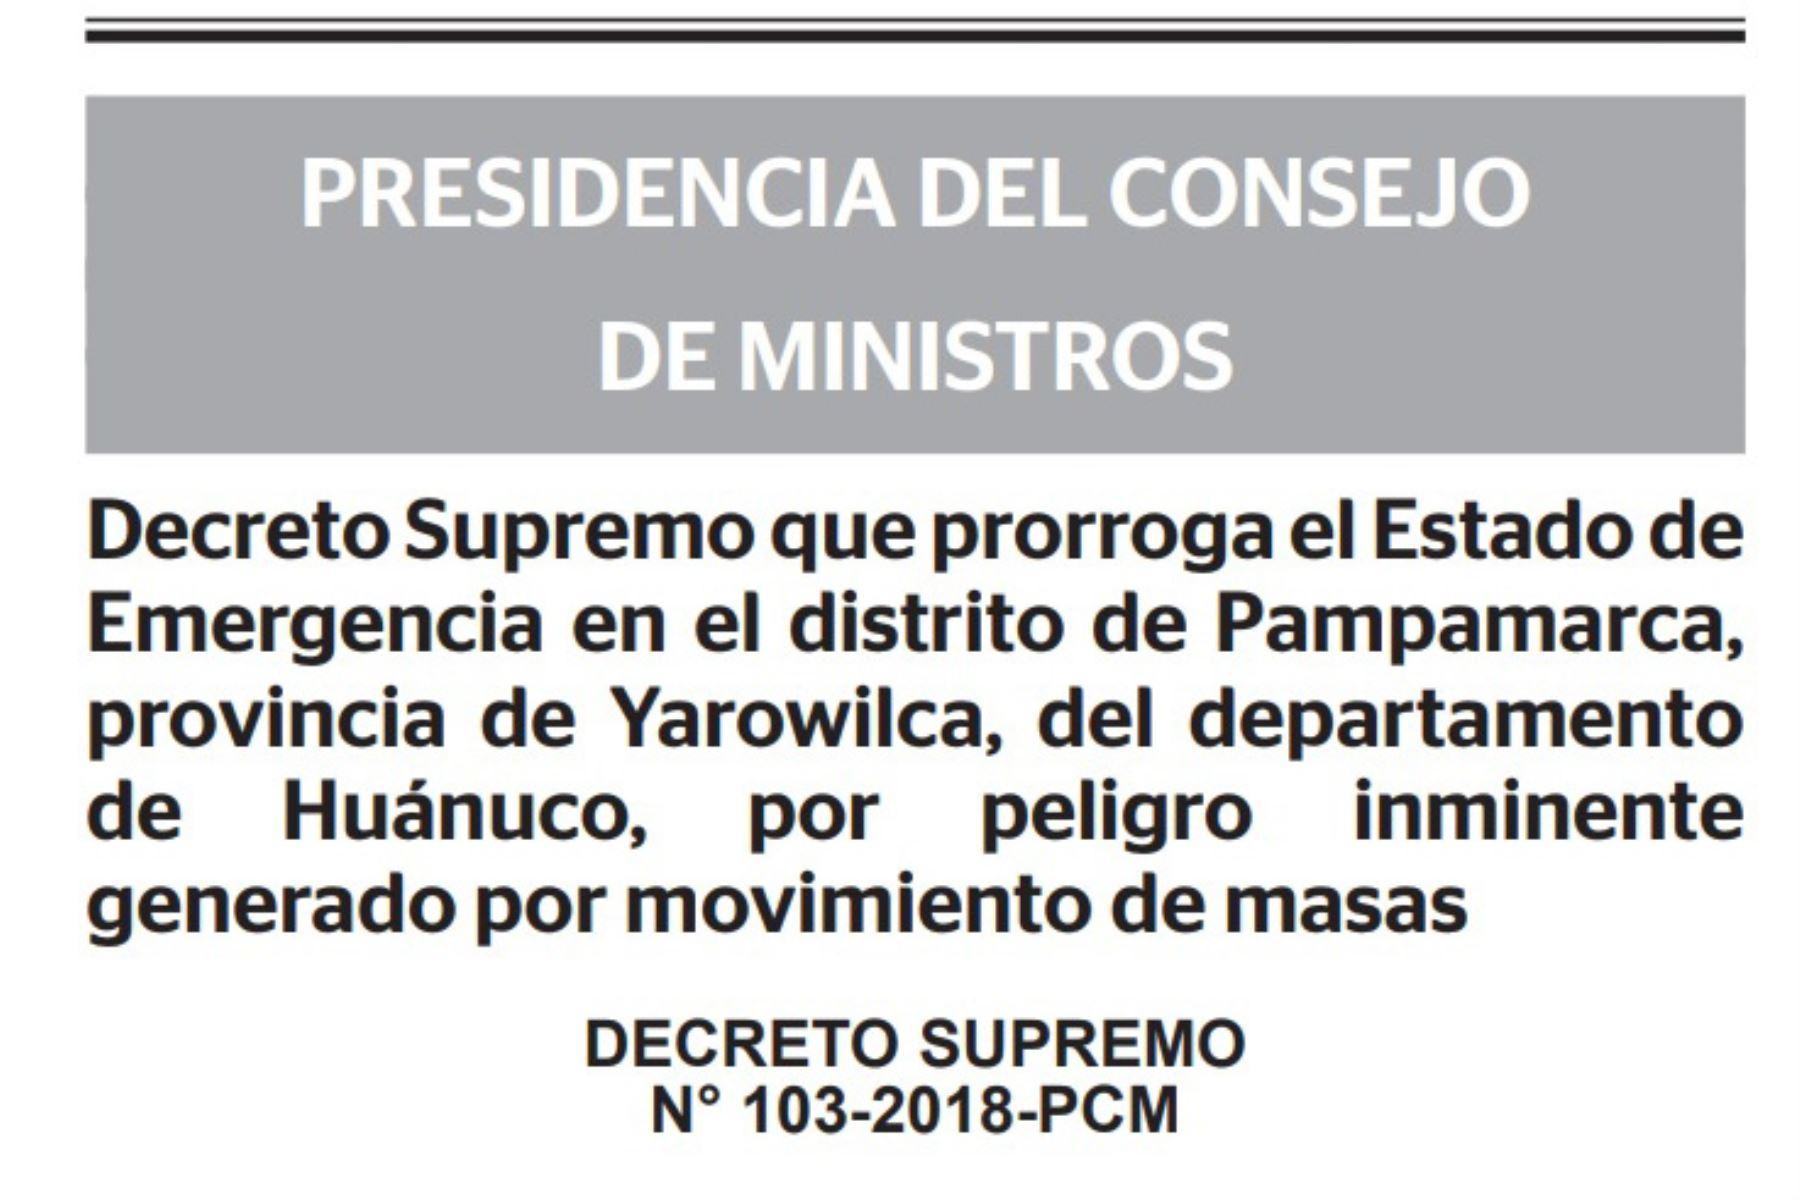 El Poder Ejecutivo amplió el estado de emergencia en distrito Pampamarca debido a peligro inminente por movimiento de masas.